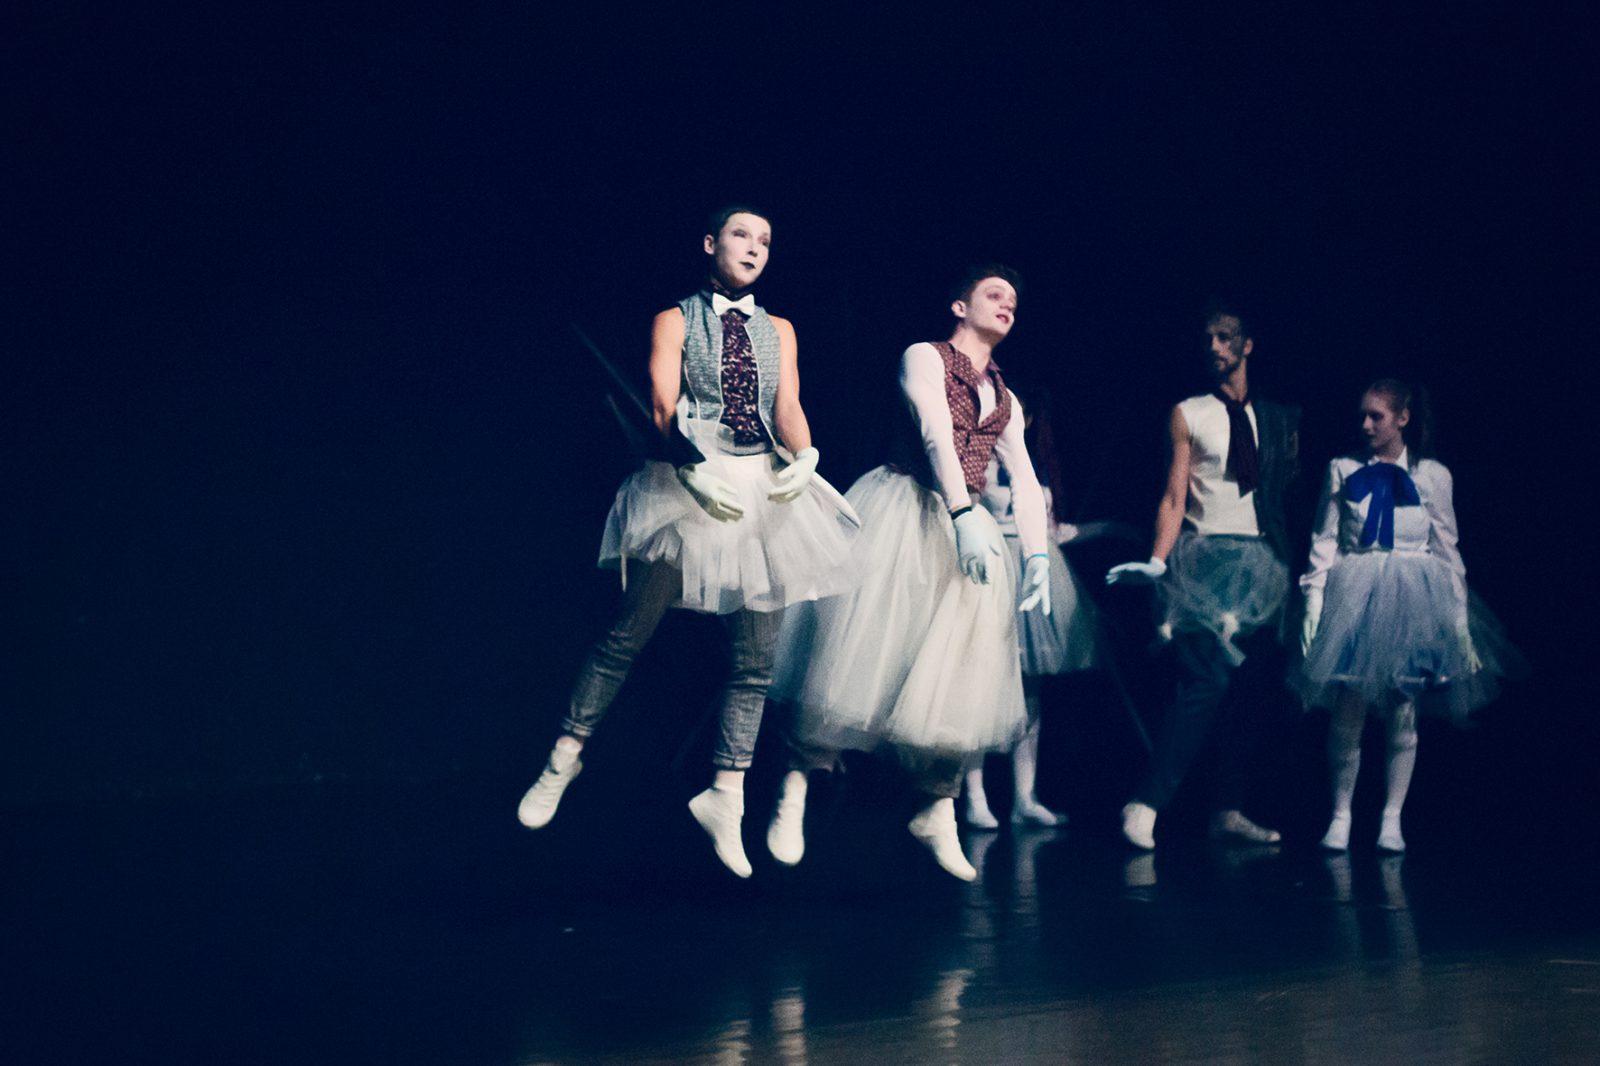 zwei TänzerInnen in der Luft